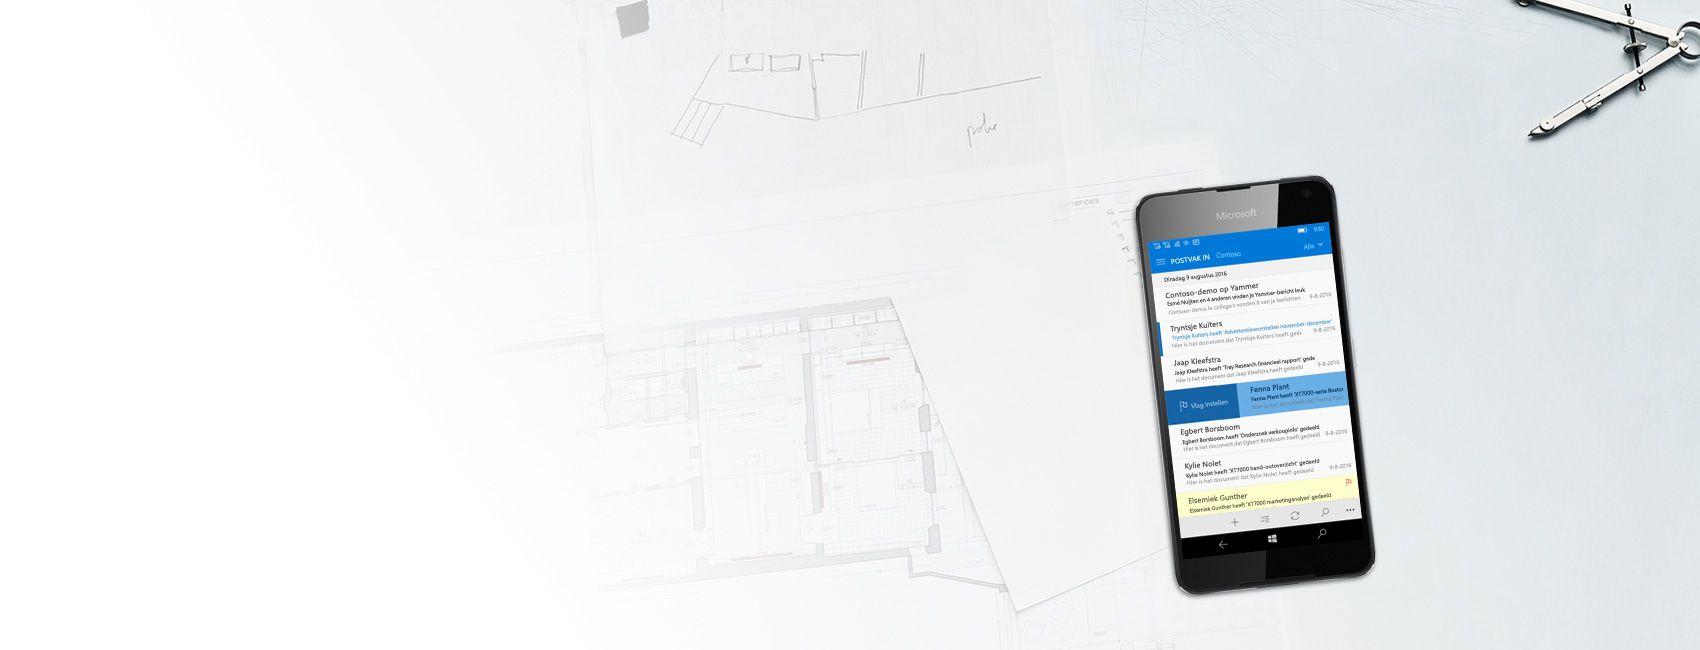 Windows-telefoon met een Postvak IN in Outlook voor Windows 10 Mobile